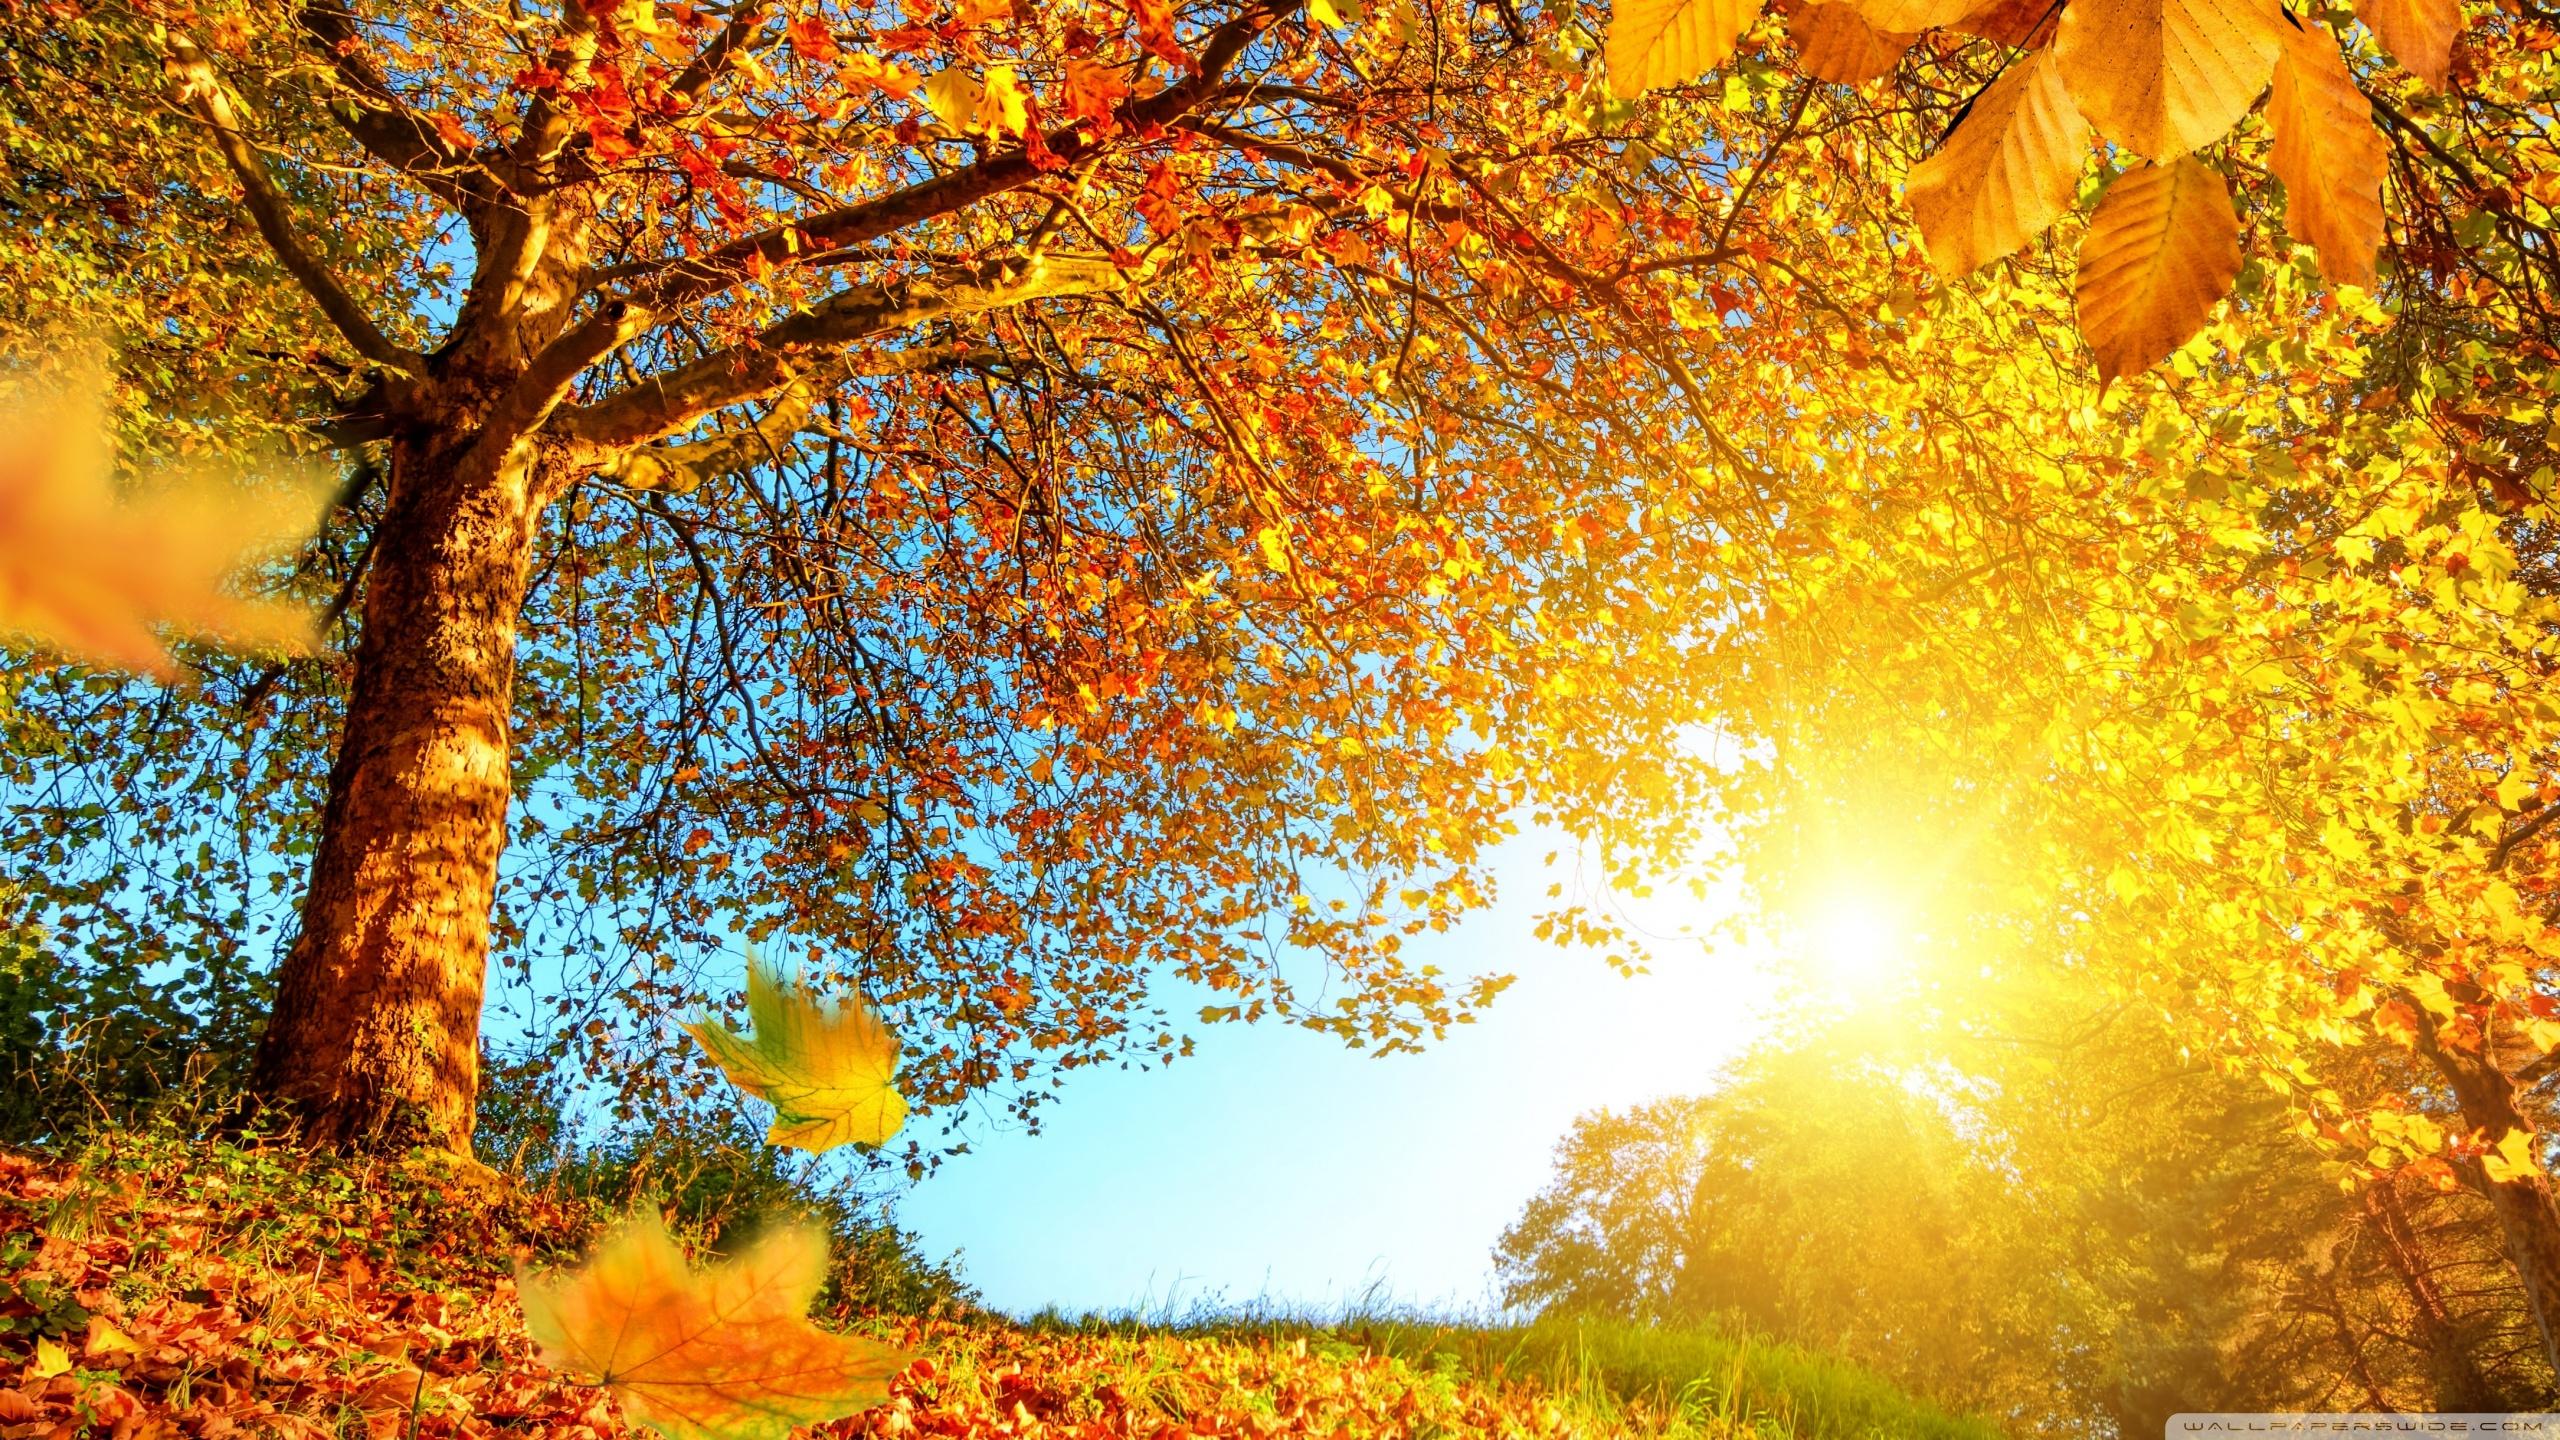 Beautiful Autumn Landscape 4K HD Desktop Wallpaper For 4K